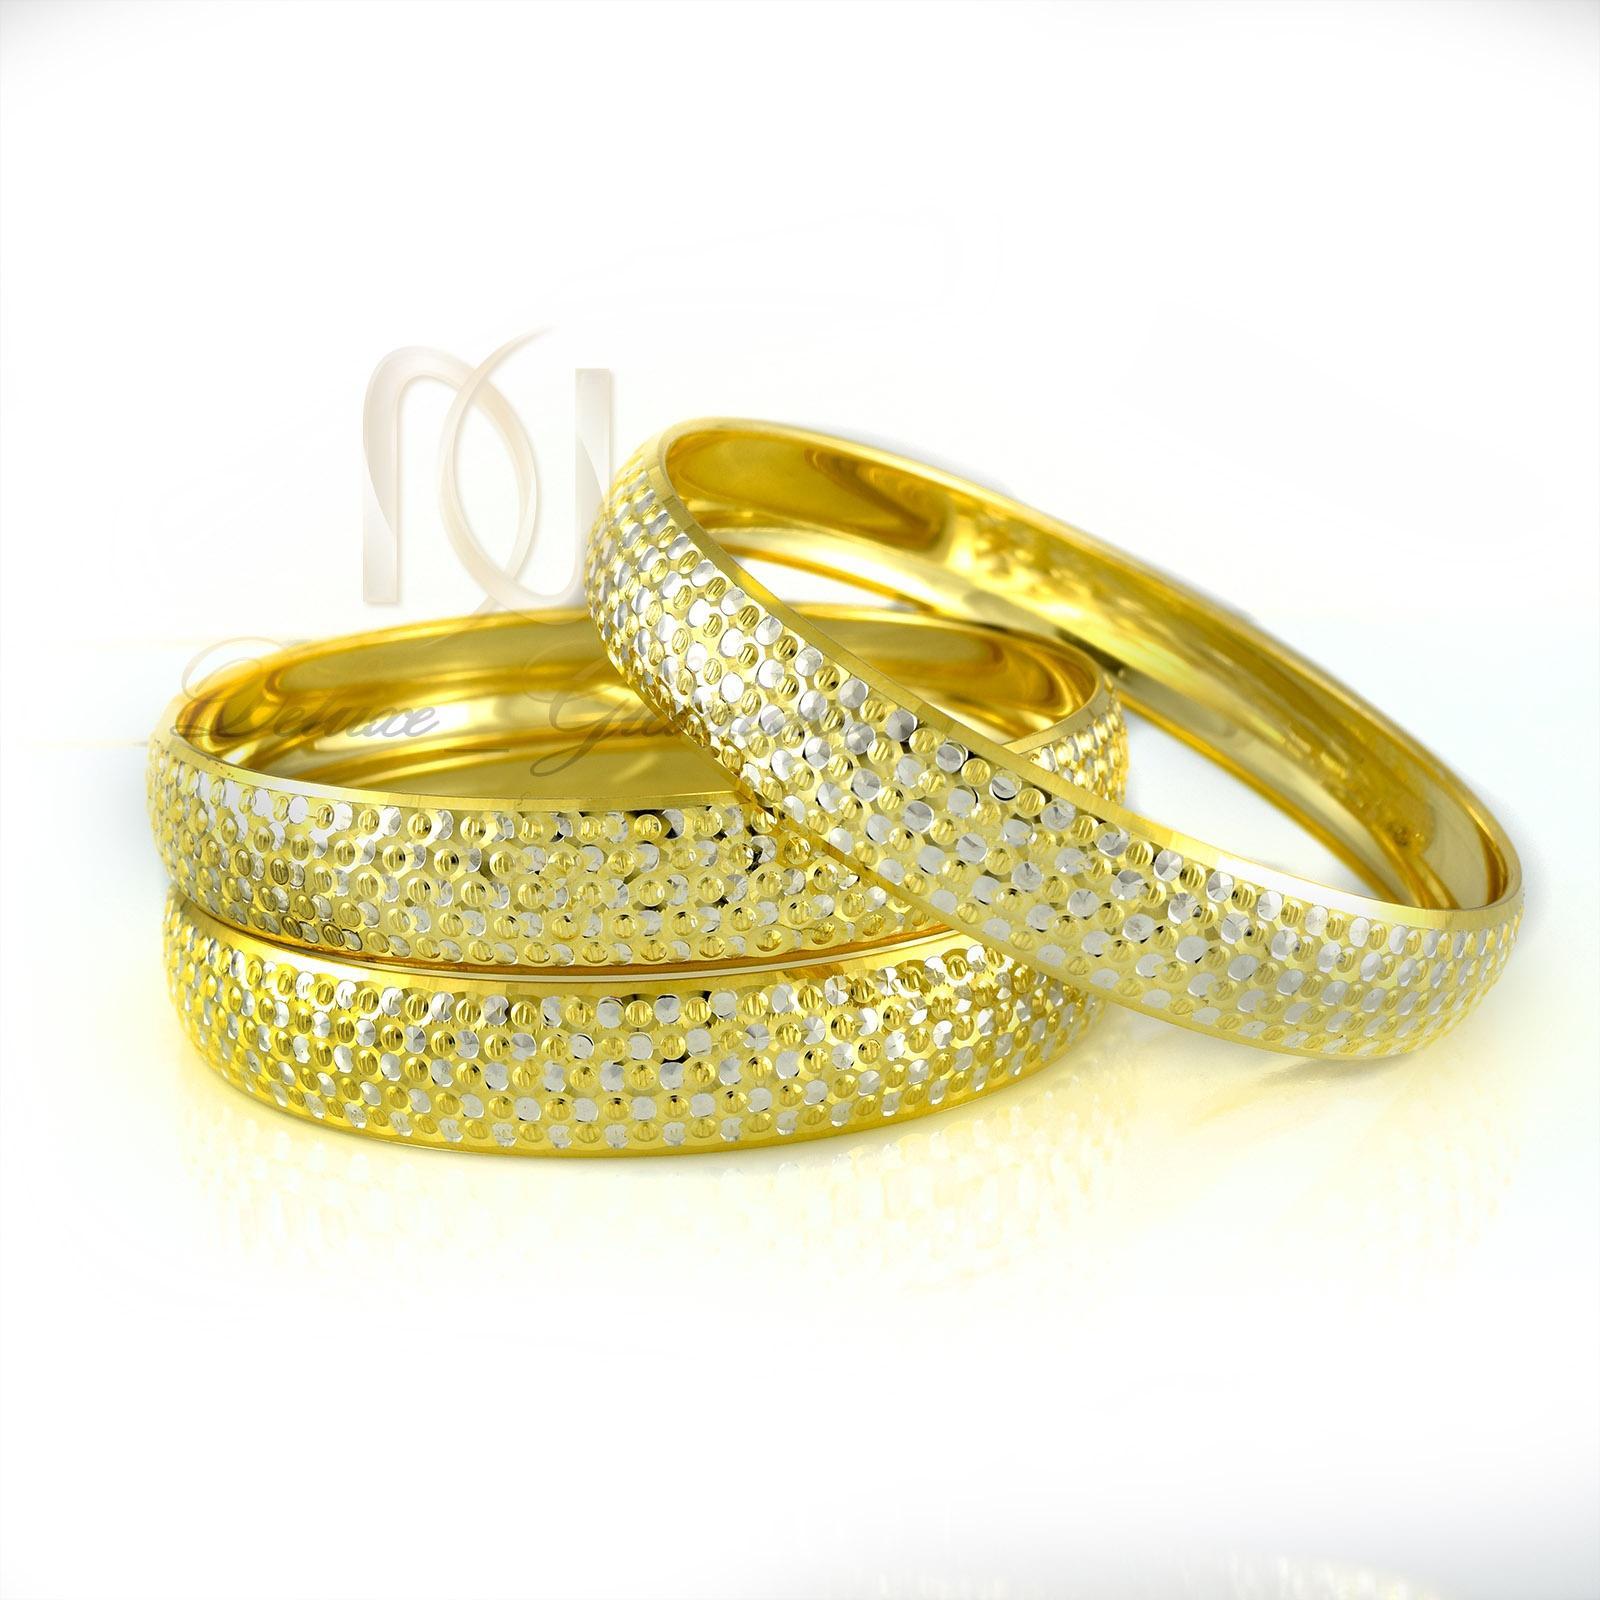 النگو نقره زنانه طرح طلا al-n109 از نماي سفيد